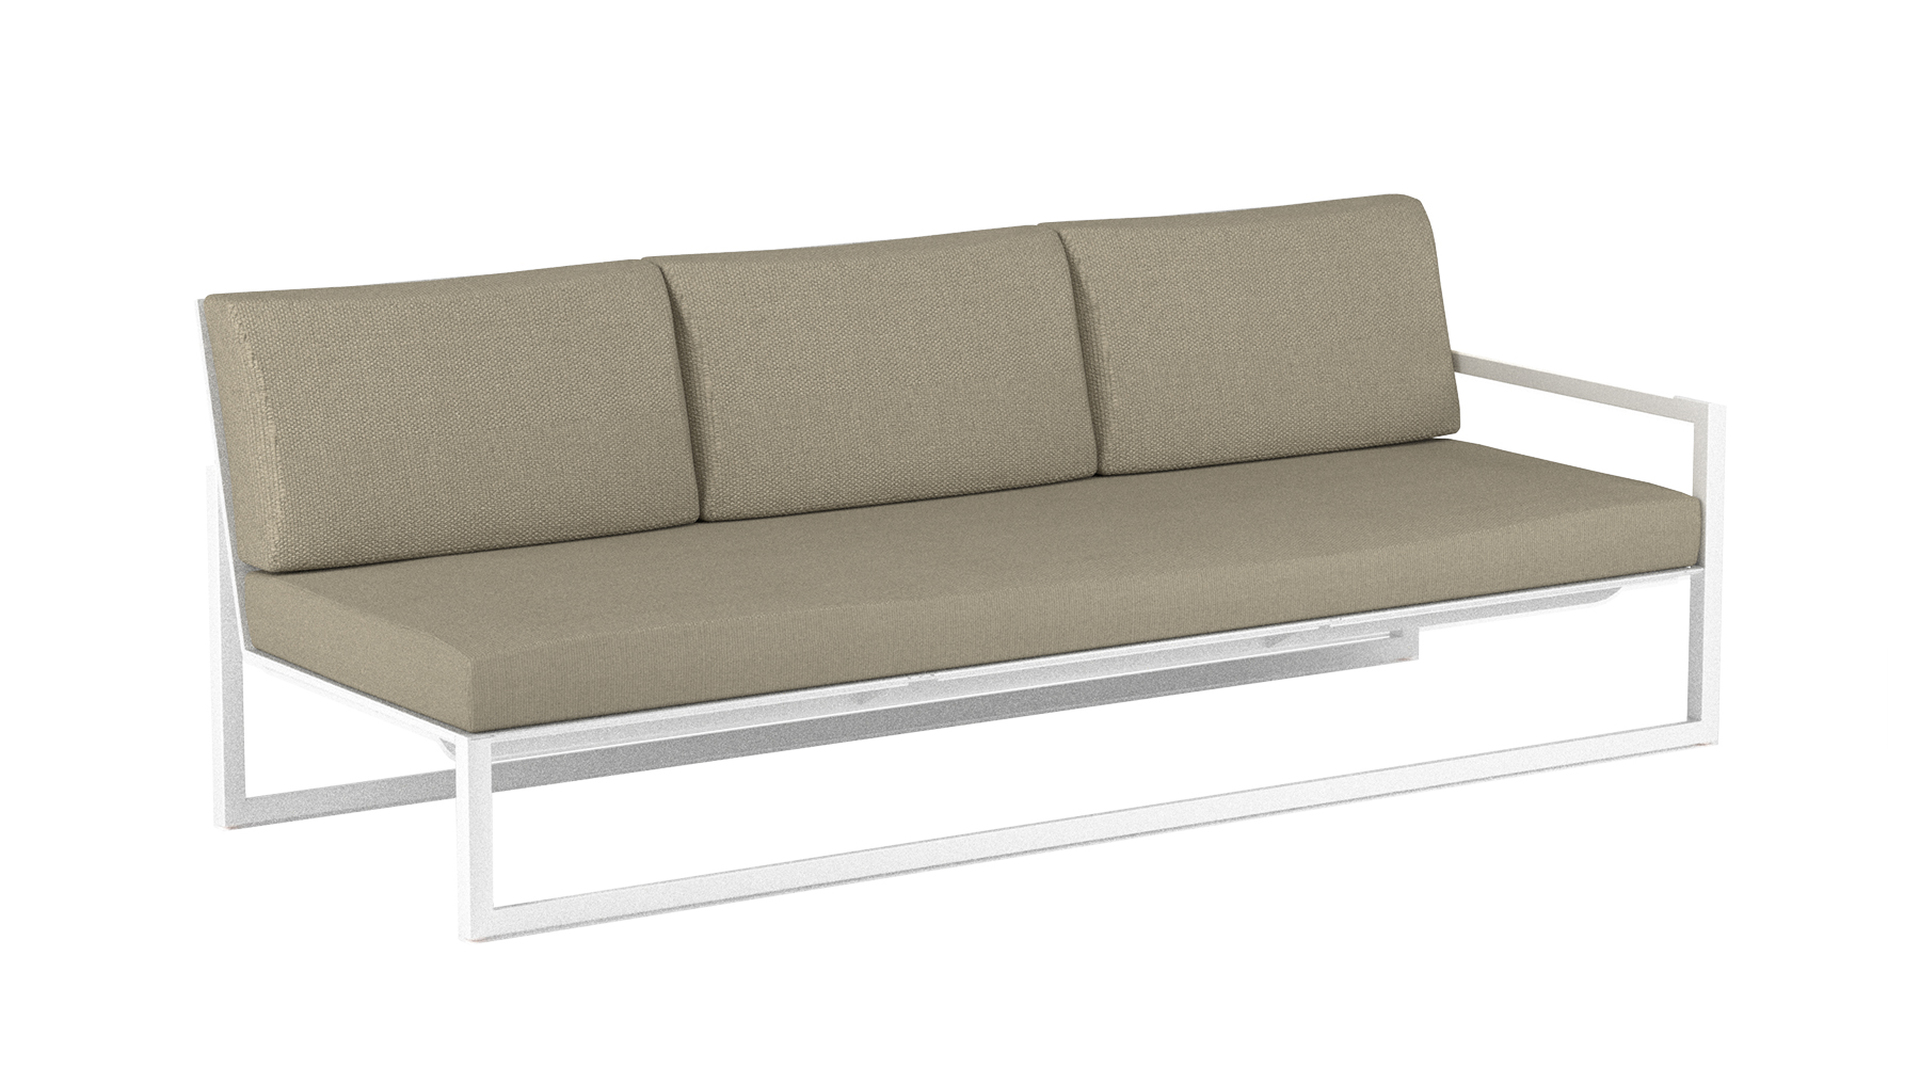 Ninix lounge 240 left arm white royal botanai.jpg